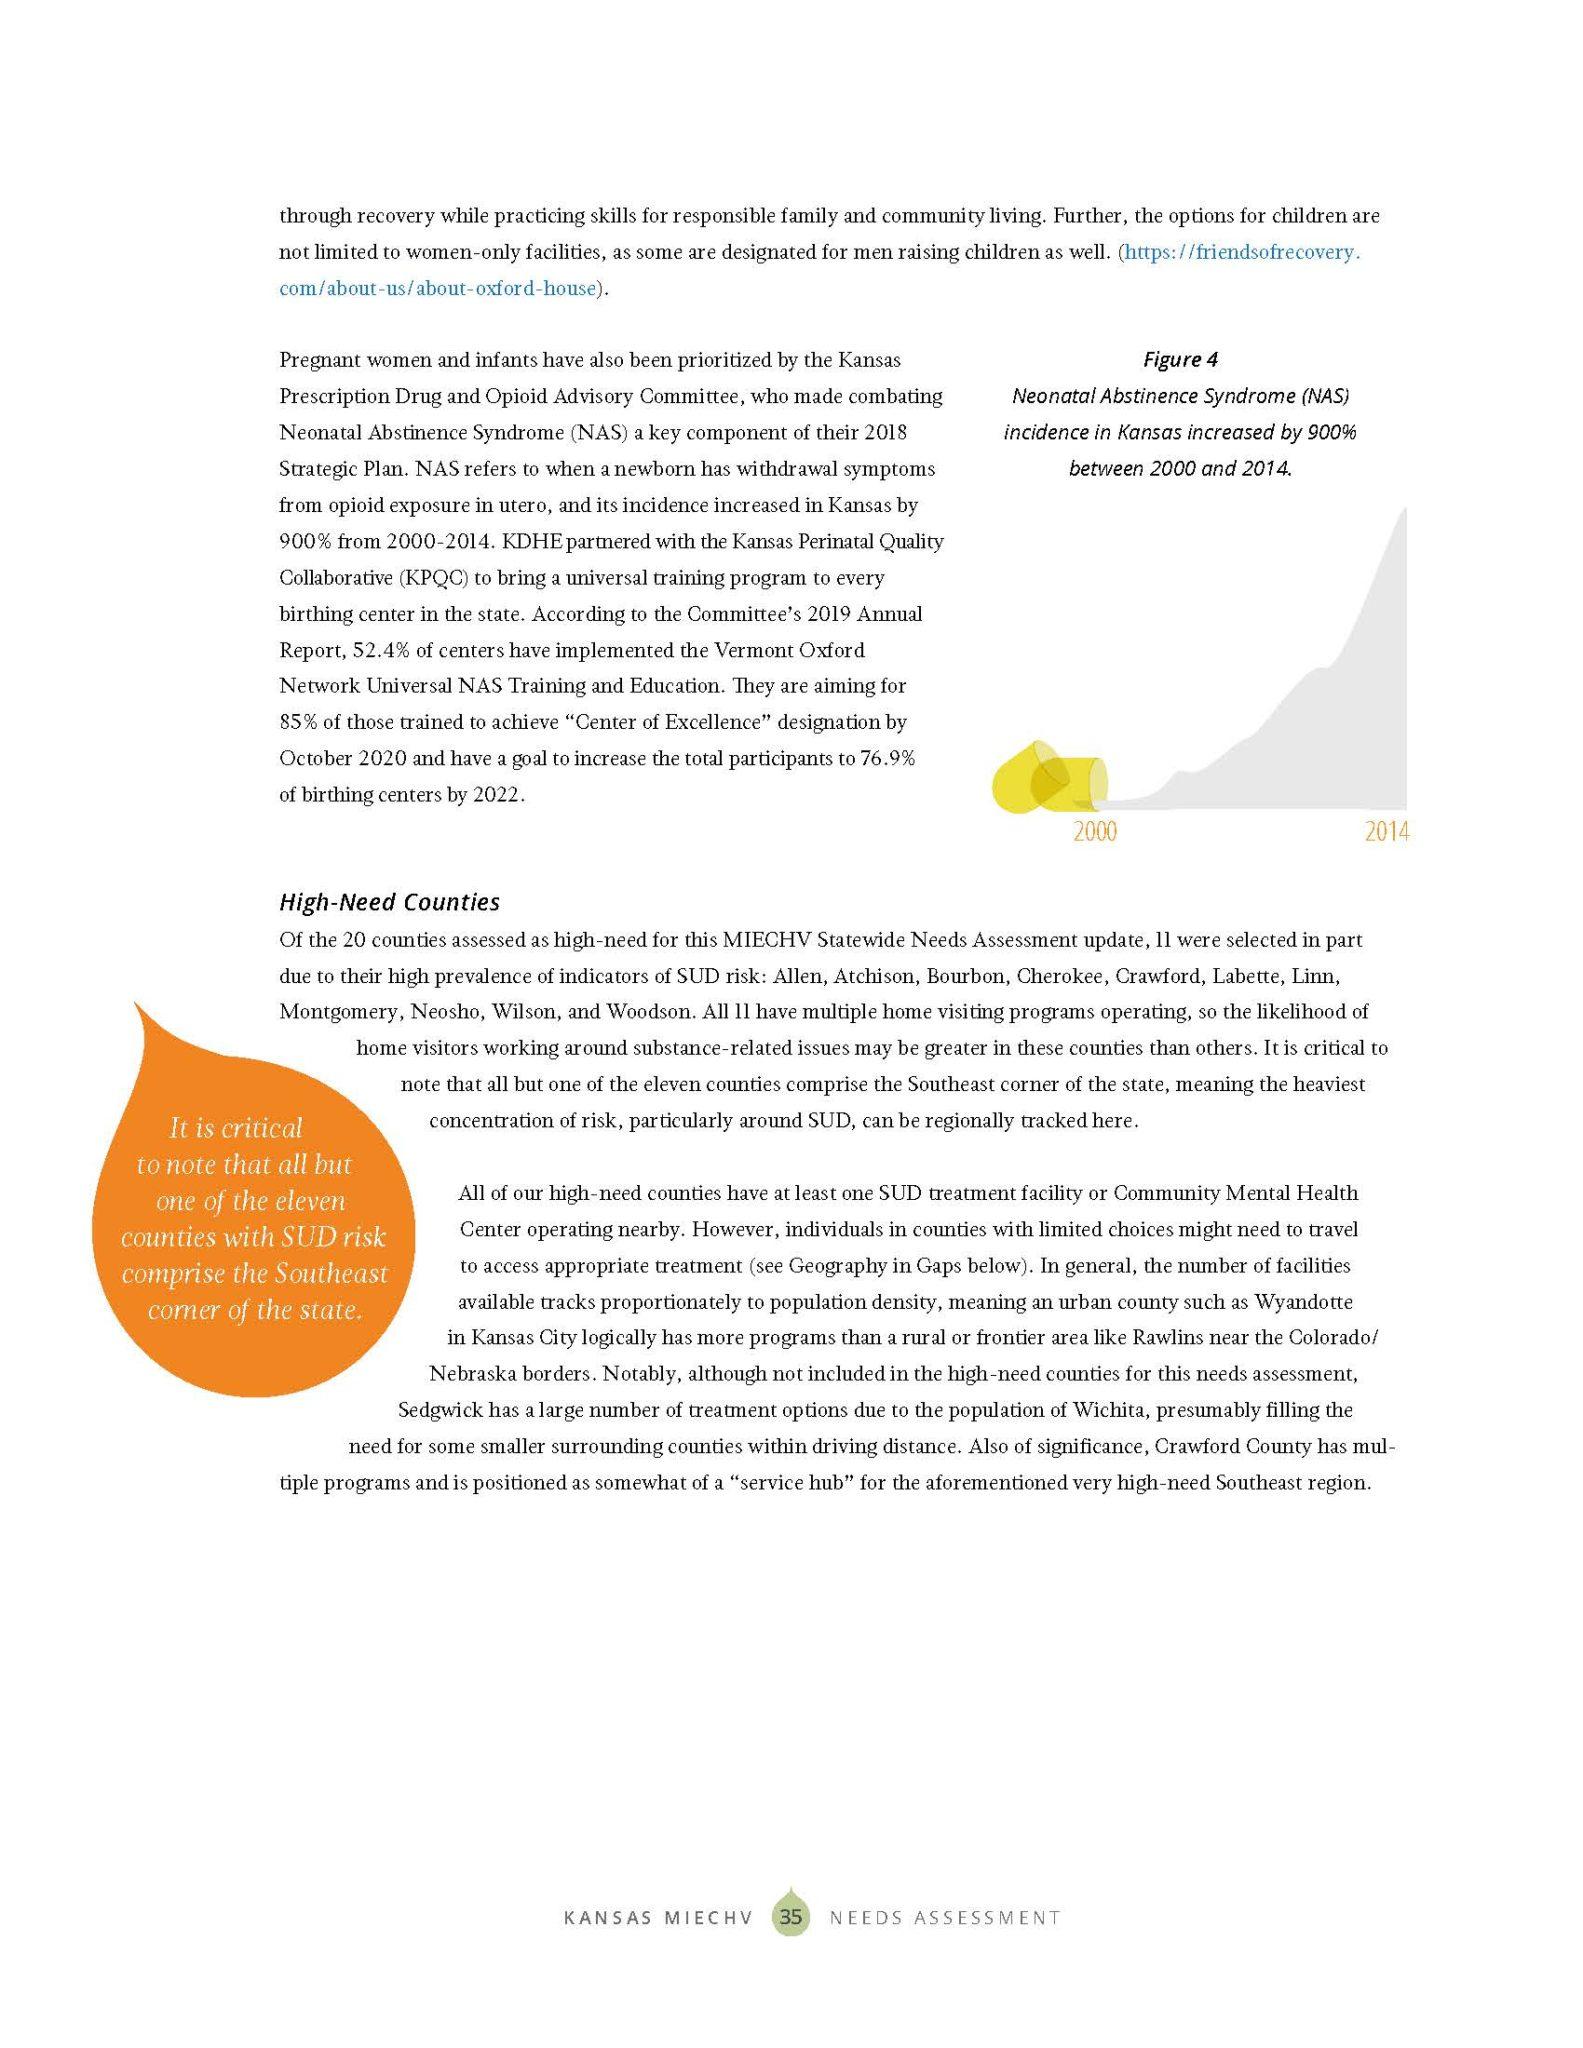 KS MIECHV 2020 Needs Assessment_DIGITAL_Page_043